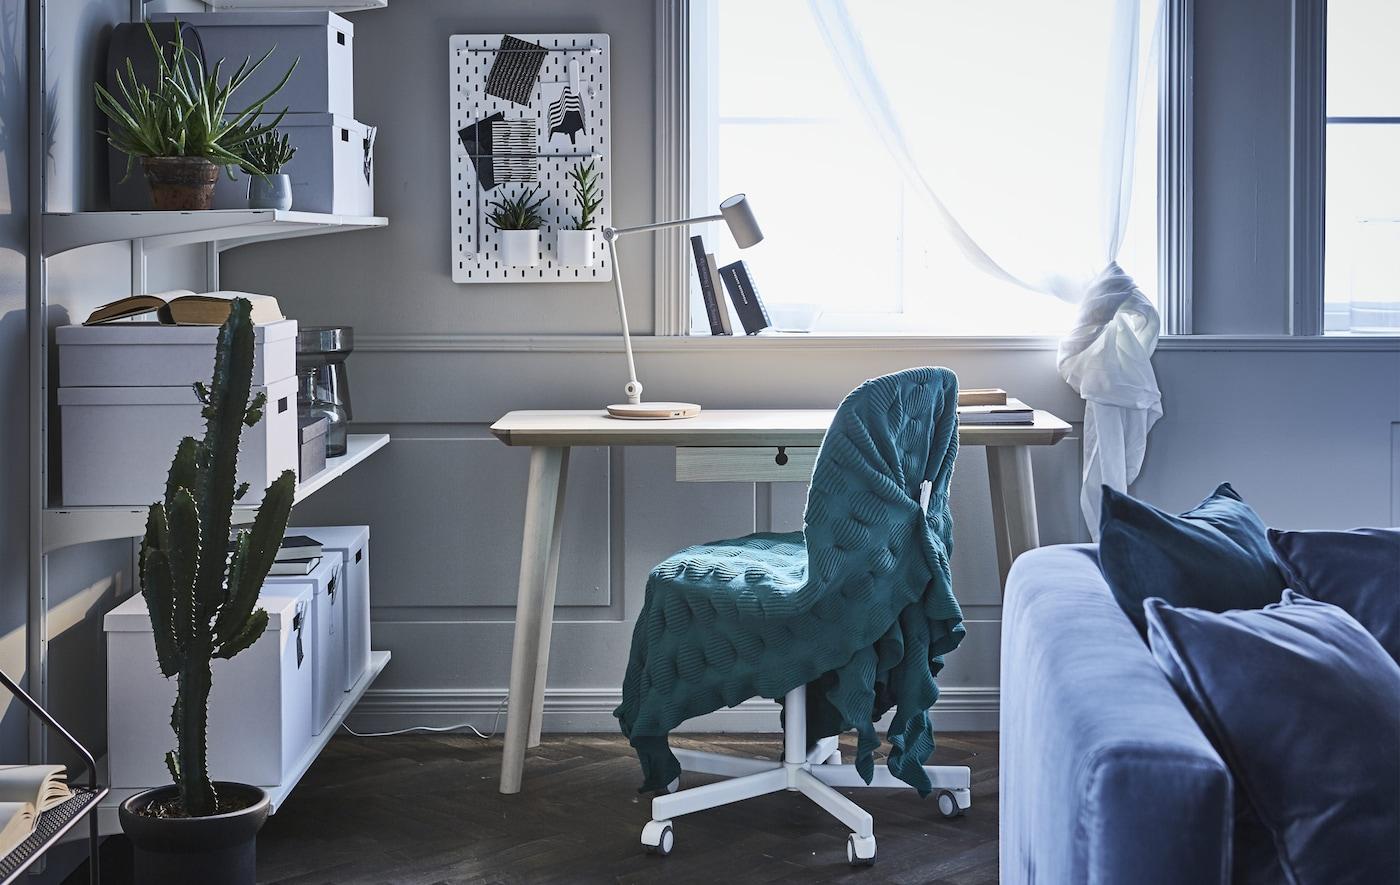 arbeitsplatz im wohnzimmer einrichten ikea ikea. Black Bedroom Furniture Sets. Home Design Ideas